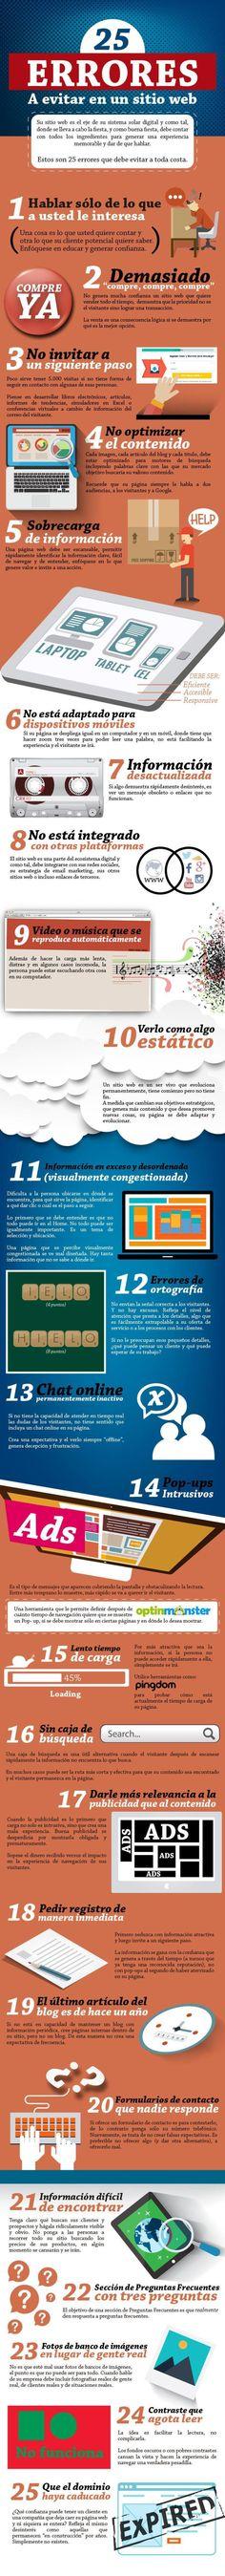 25 errores a evitar en un sitio web #infografia #infographic